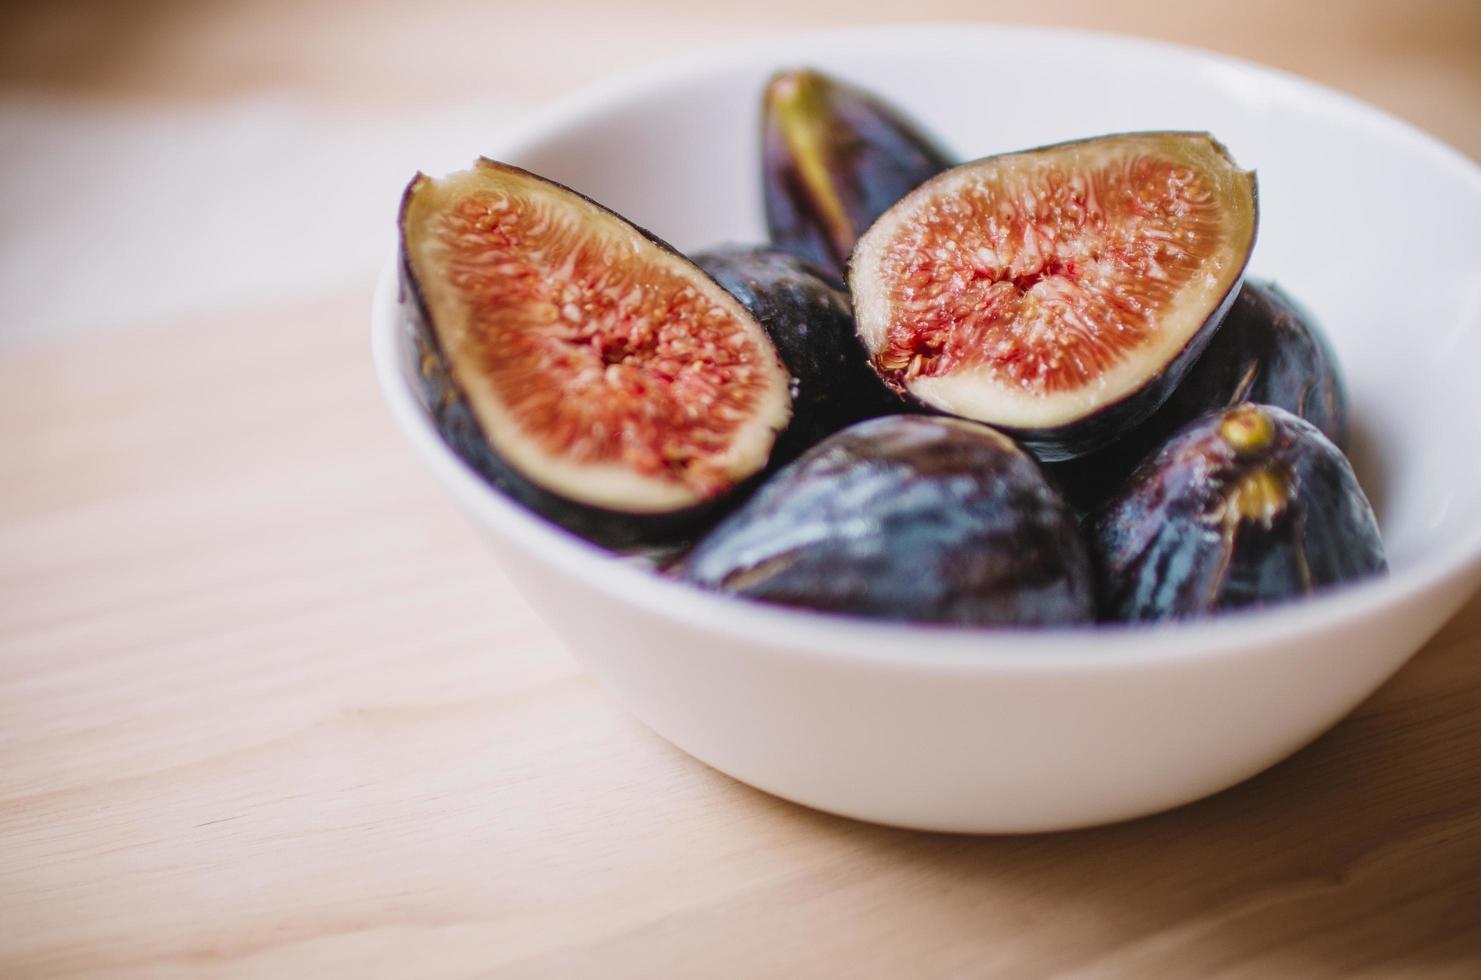 geschnittene Früchte in Keramikschale foto